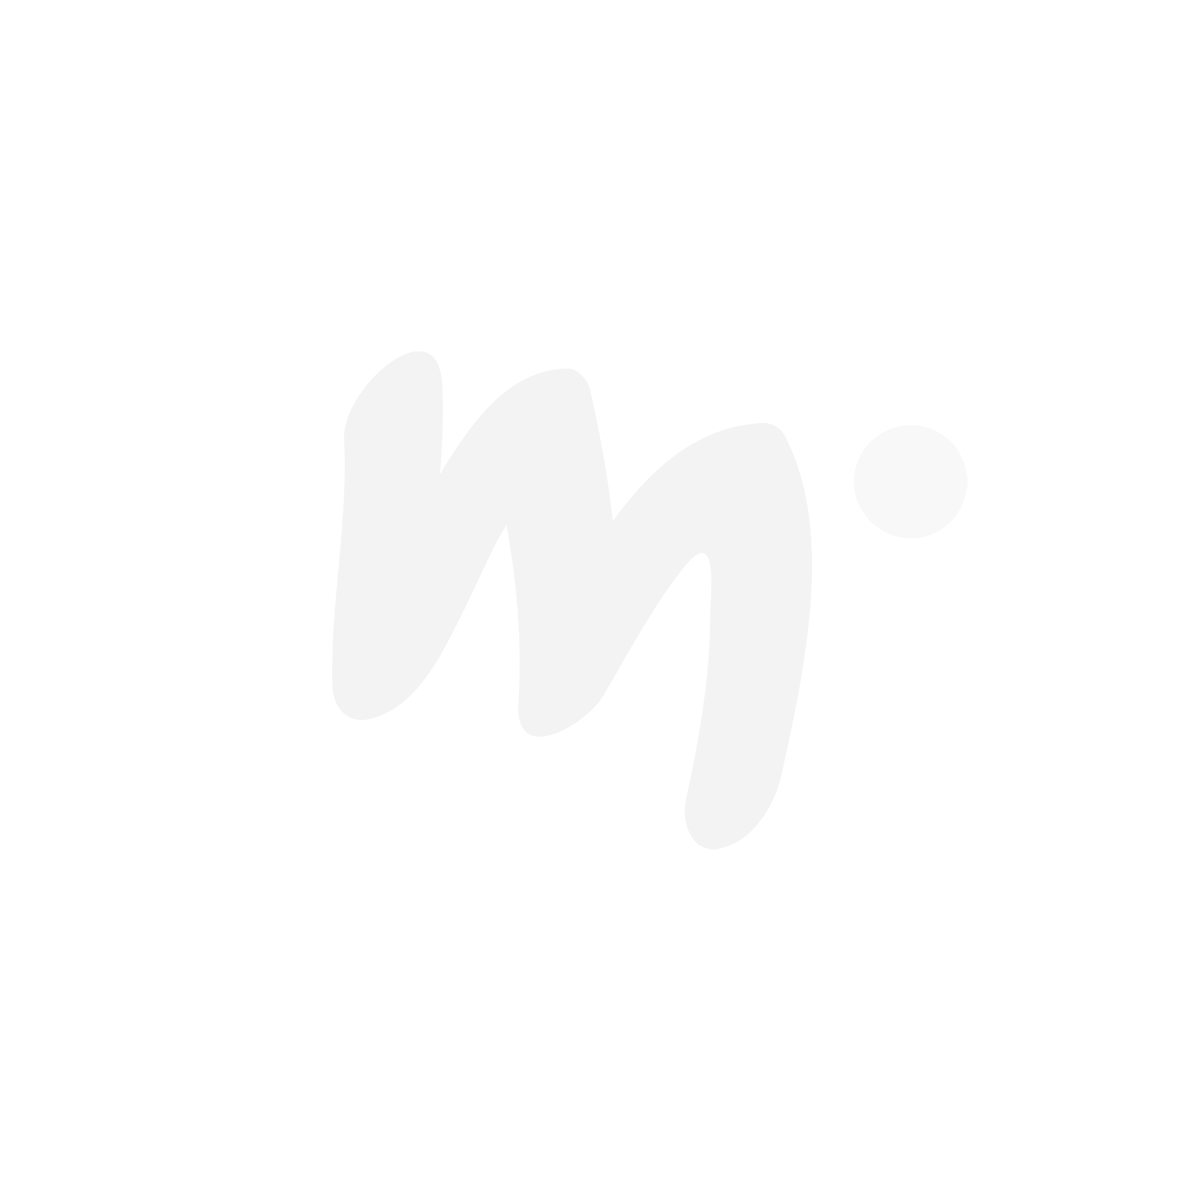 Moomin Sketch Sweatshirt blue